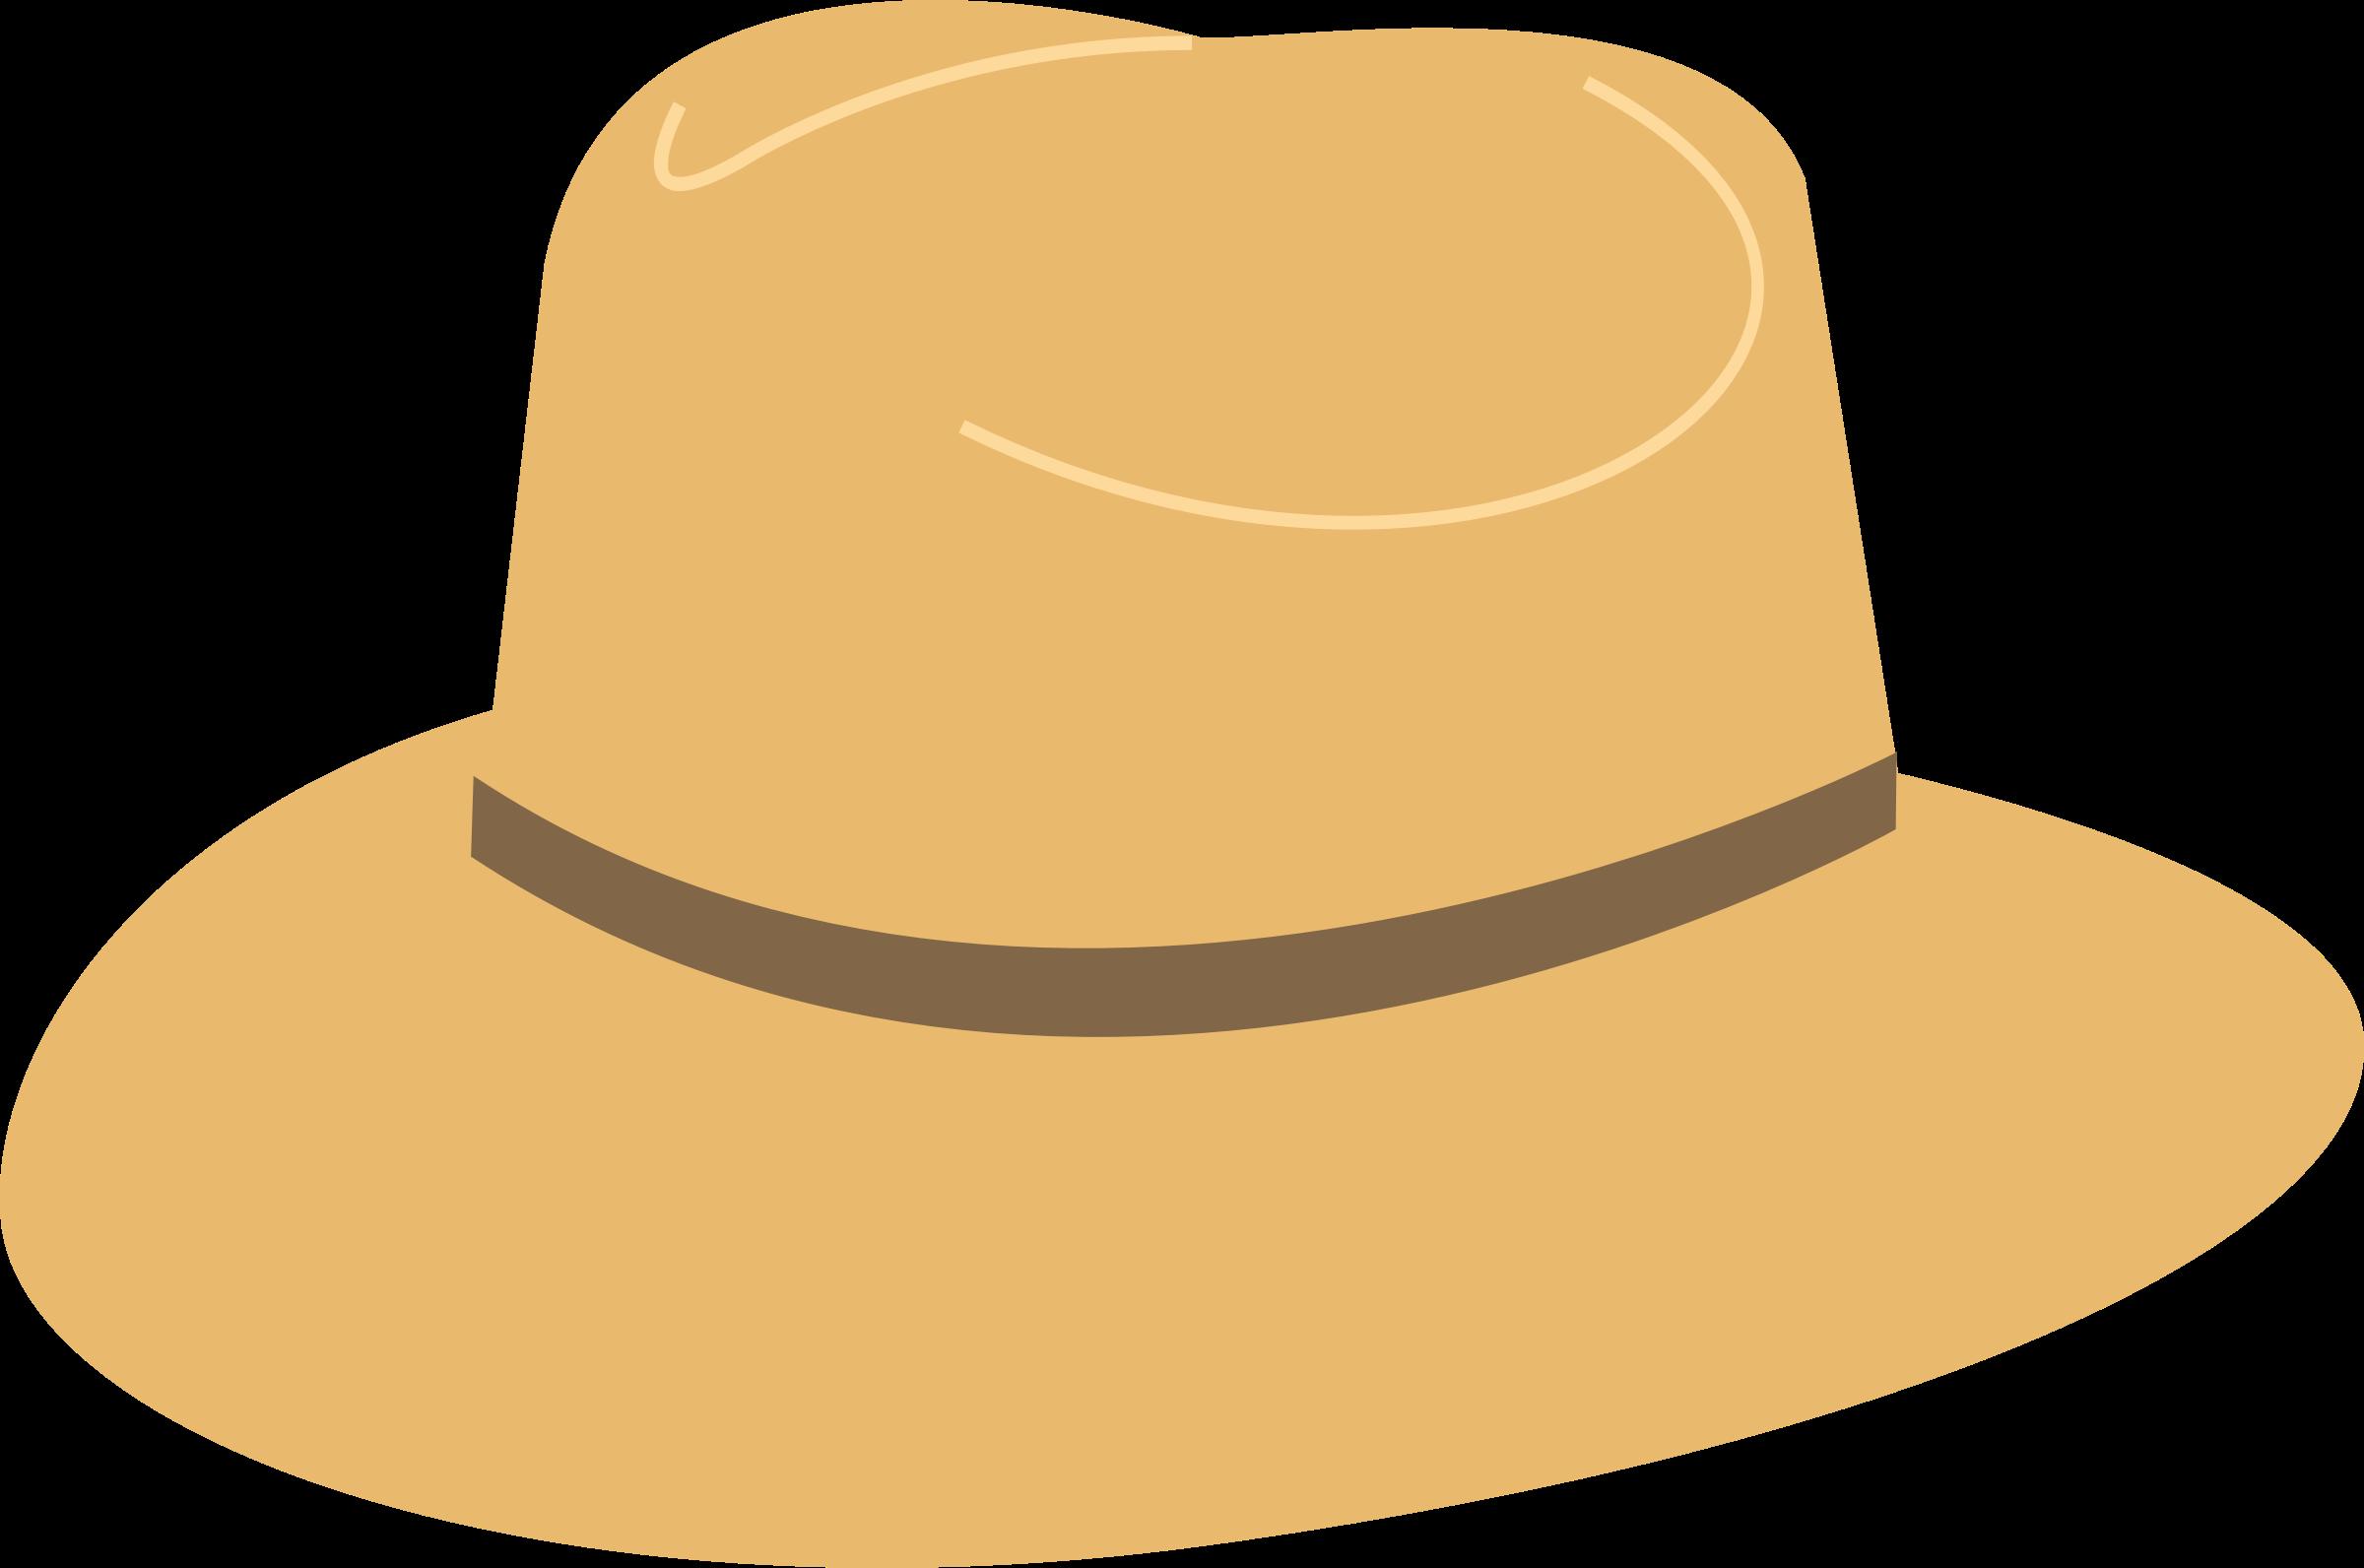 Sun hat clipart transparent clip art Sun Hat Clipart (59+) clip art